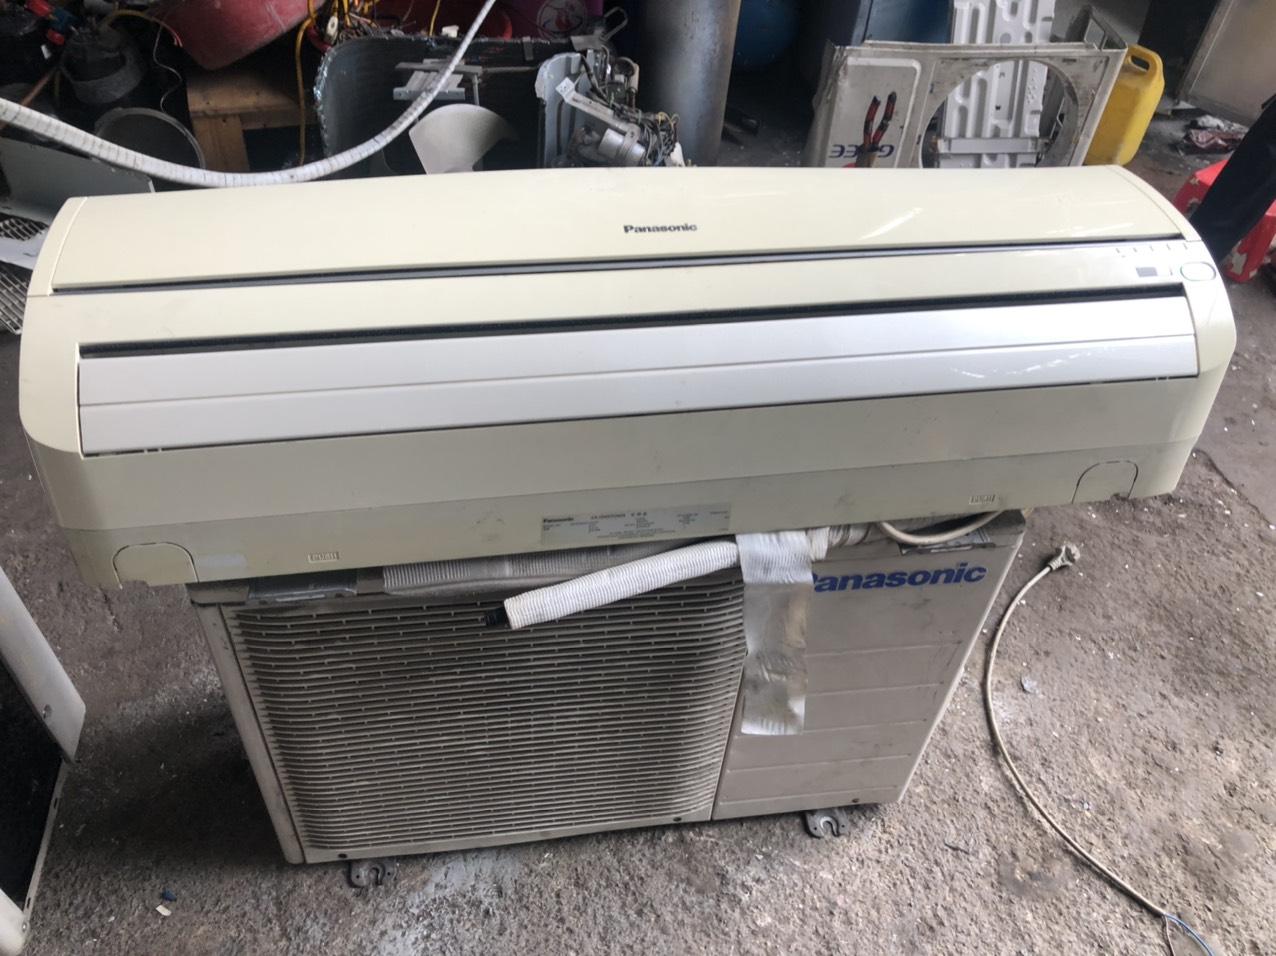 Có nên mua máy lạnh, điệu hòa cũ không?